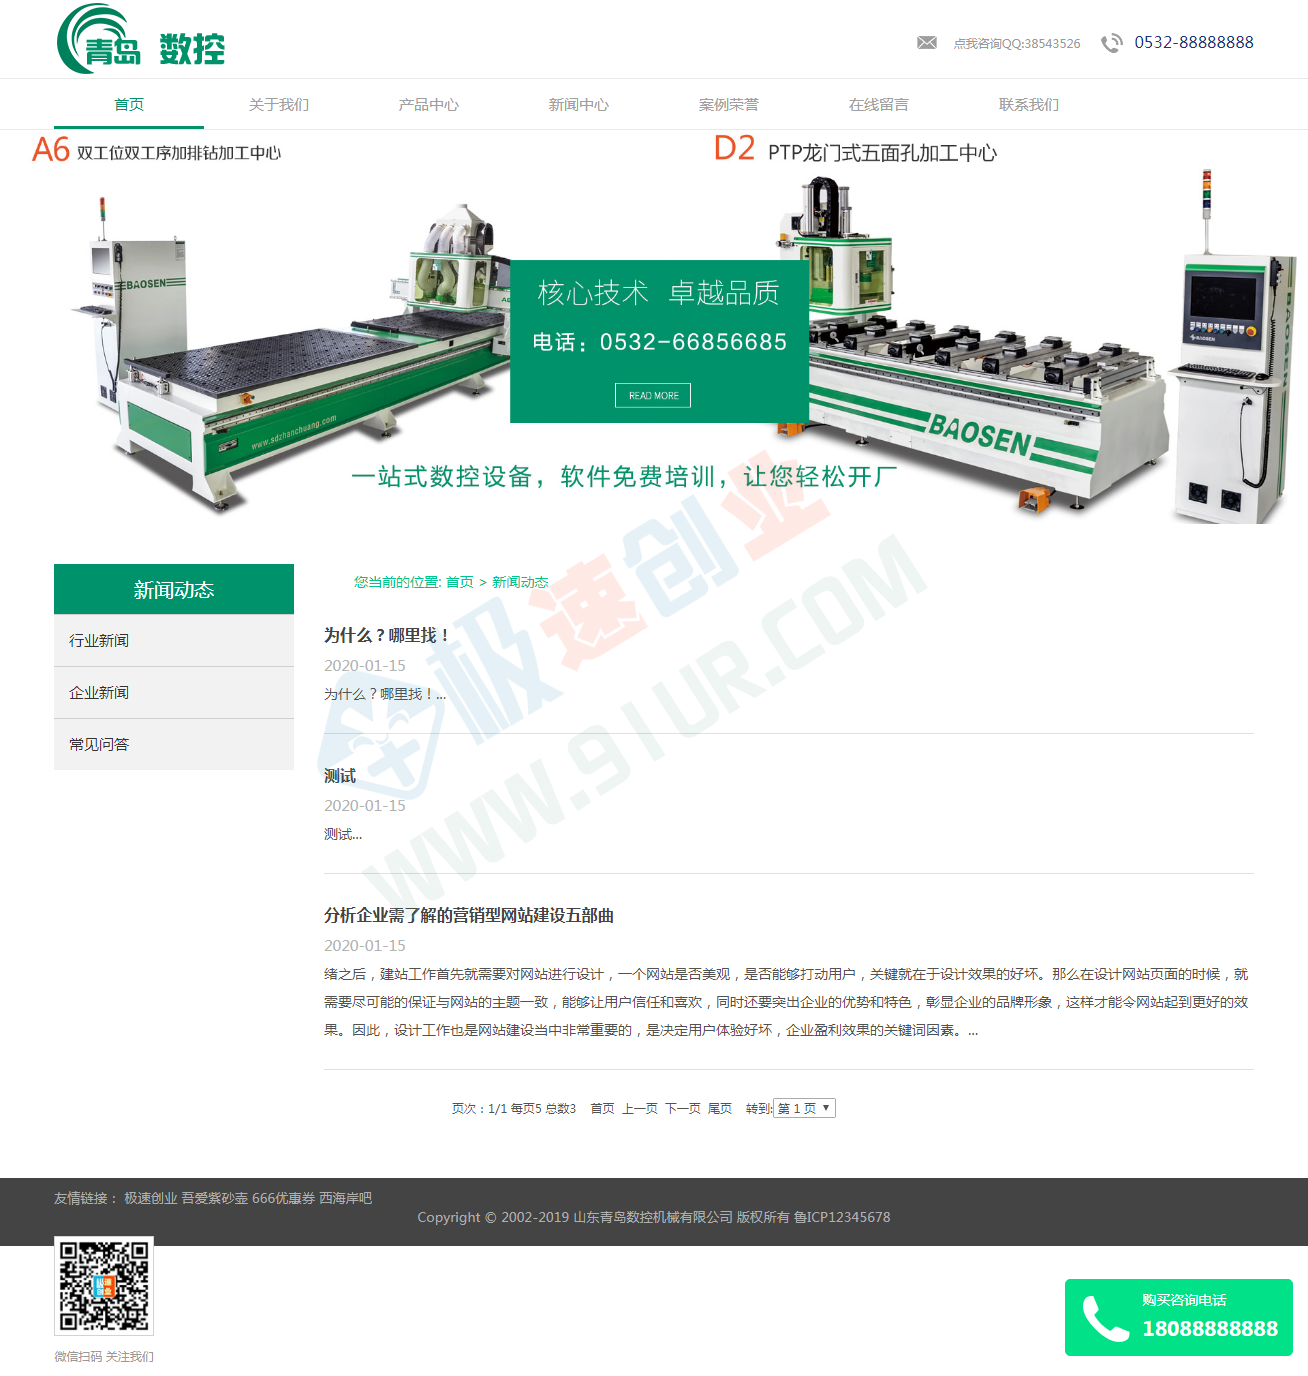 (自适应手机版)数控机械类网站帝国cms模板 HTML5机械车床加工网站源码下载-电脑版-新闻动态列表